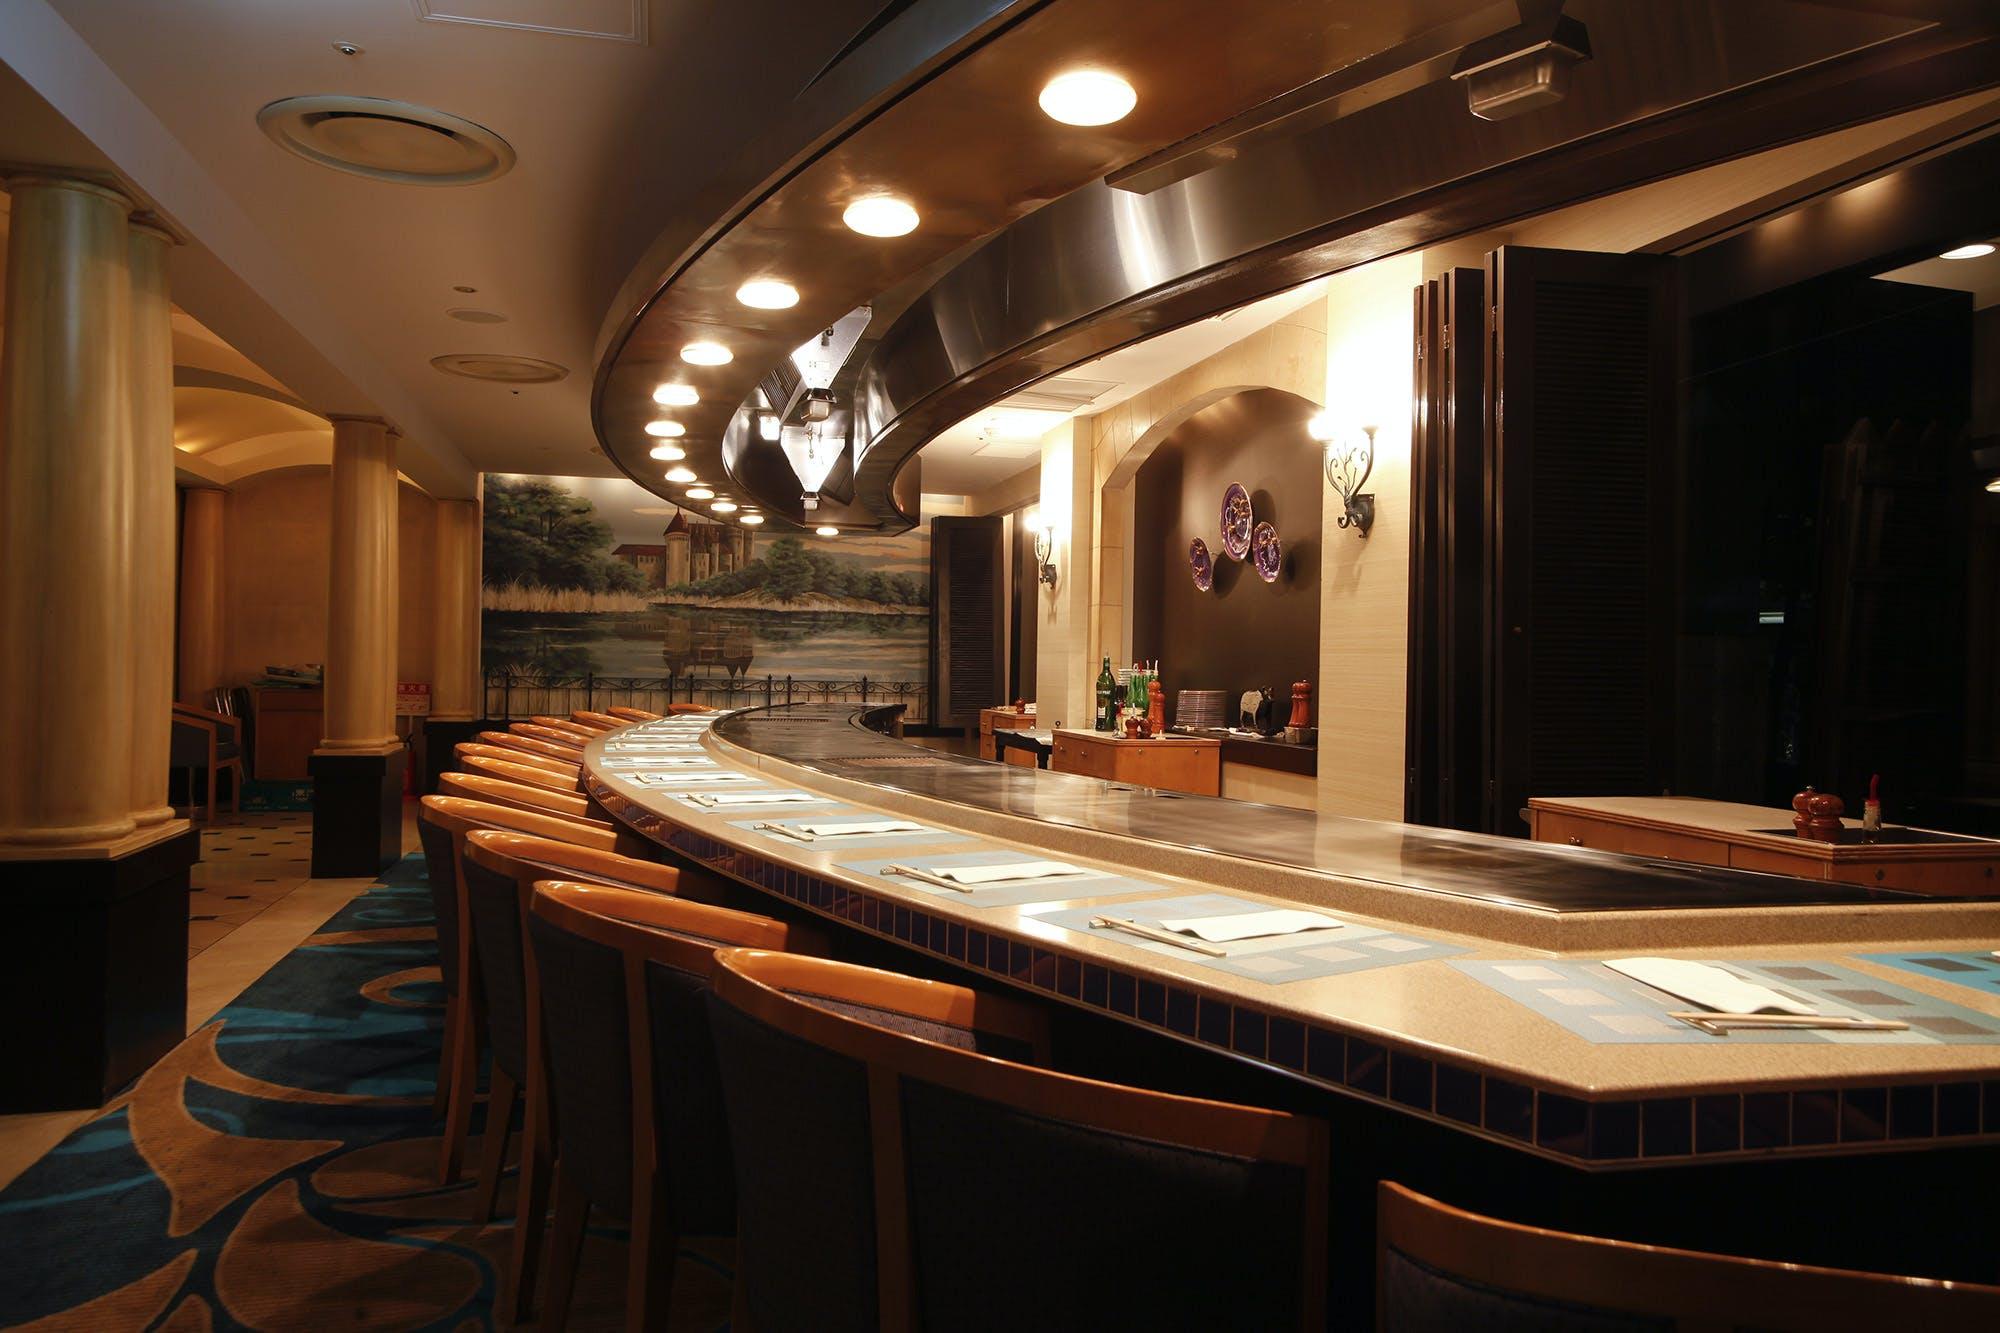 鉄板焼 ボヌール/京都センチュリーホテル